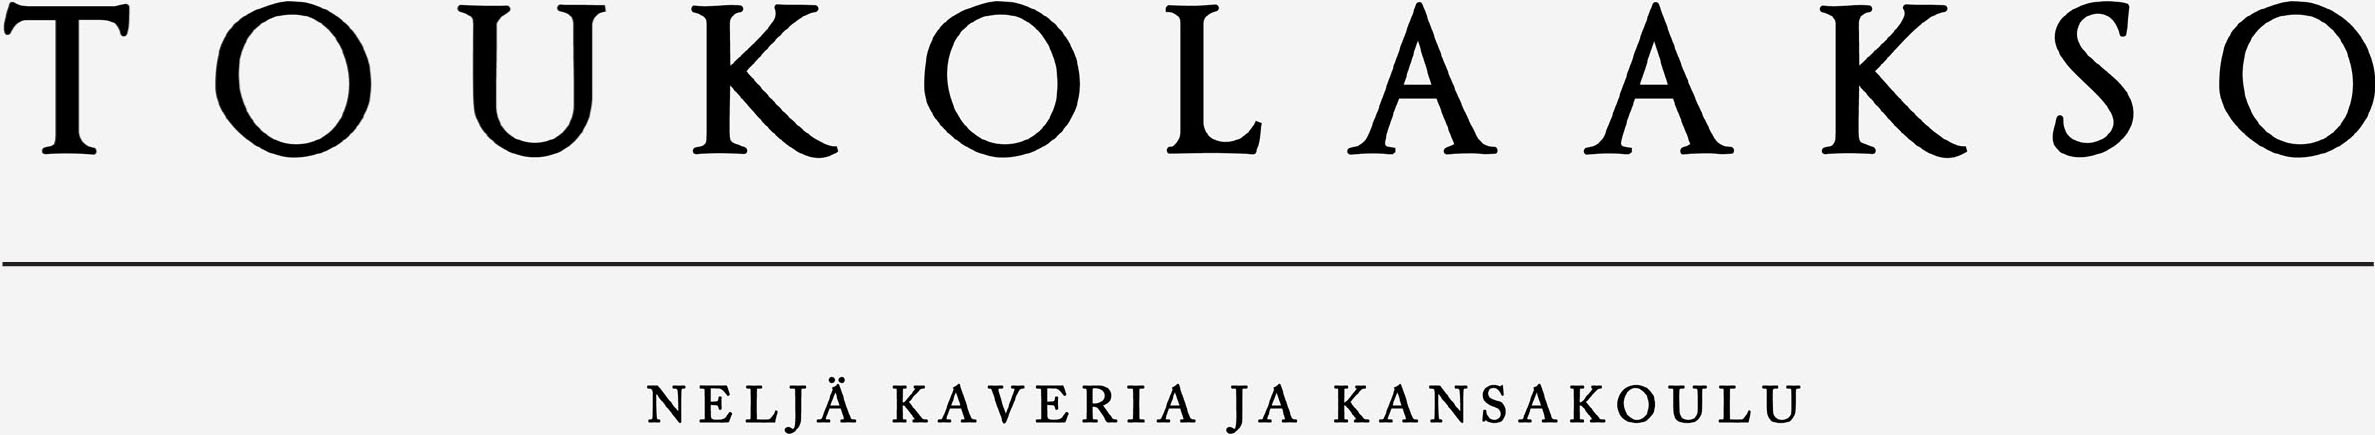 Toukolaakso - Neljä kaveria ja kansakoulu